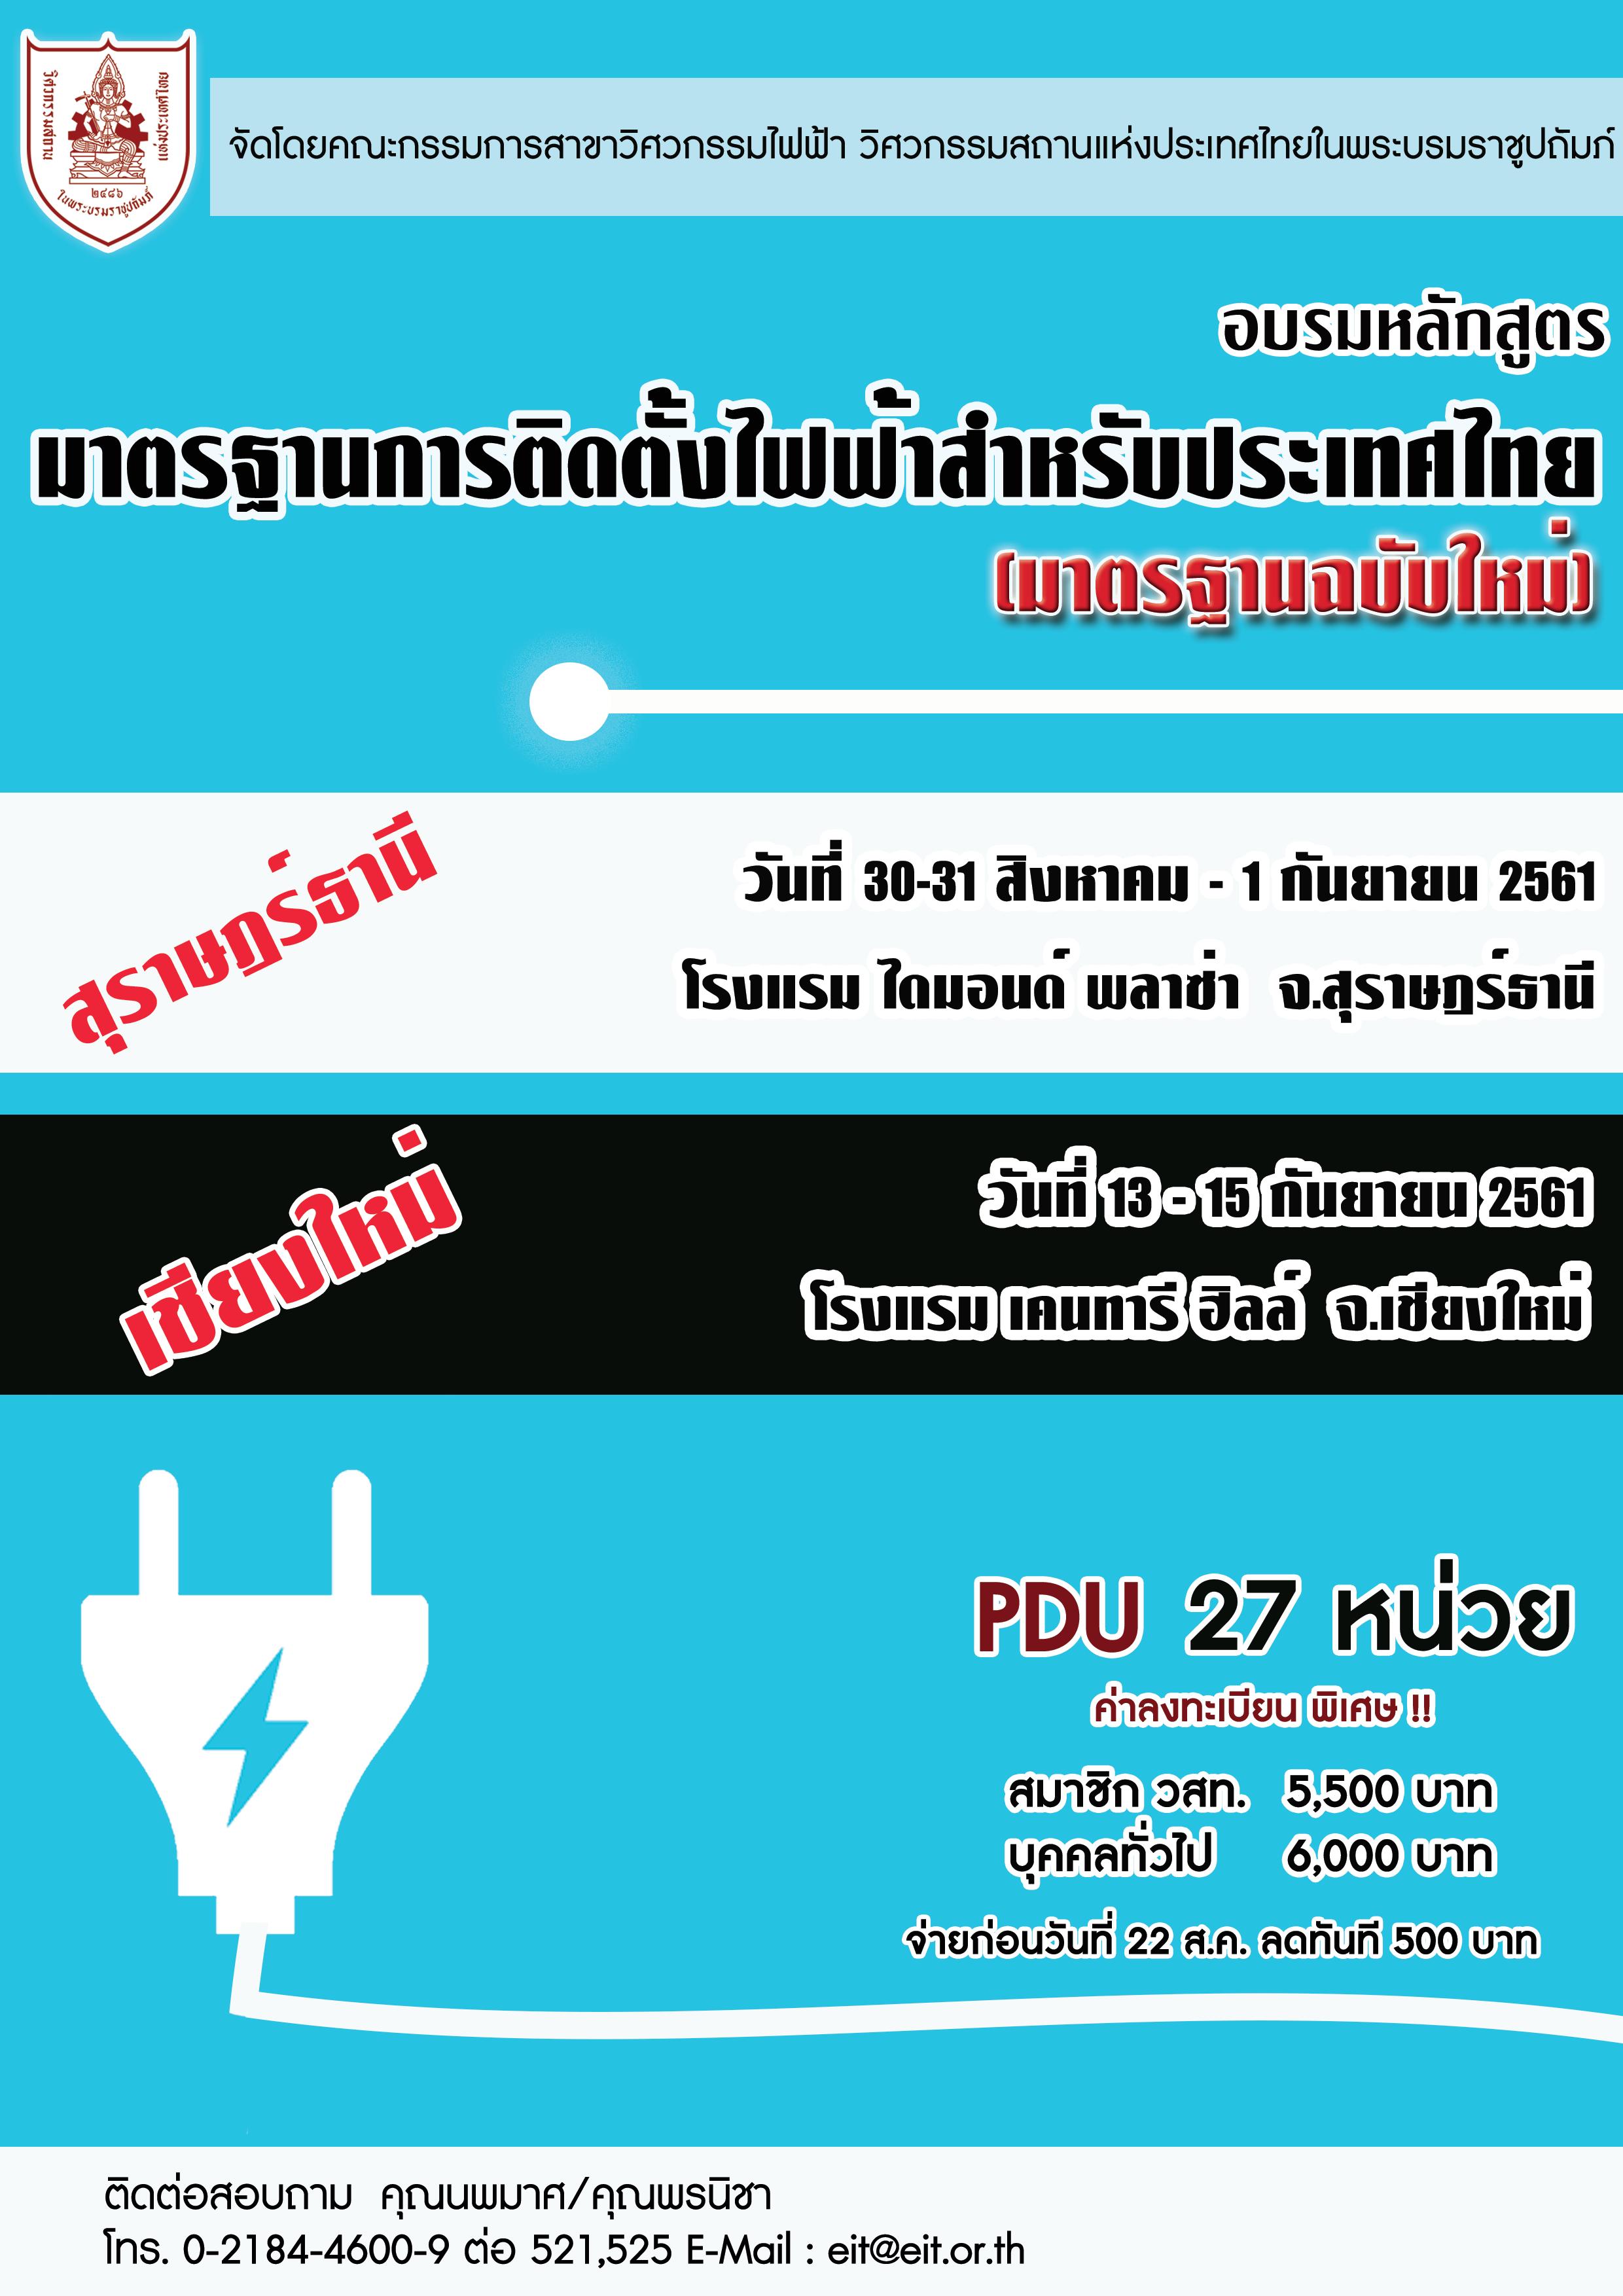 มาตรฐานการติดตั้งทางไฟฟ้าสำหรับประเทศไทย  (มาตรฐานฉบับใหม่) จ.เชียงใหม่